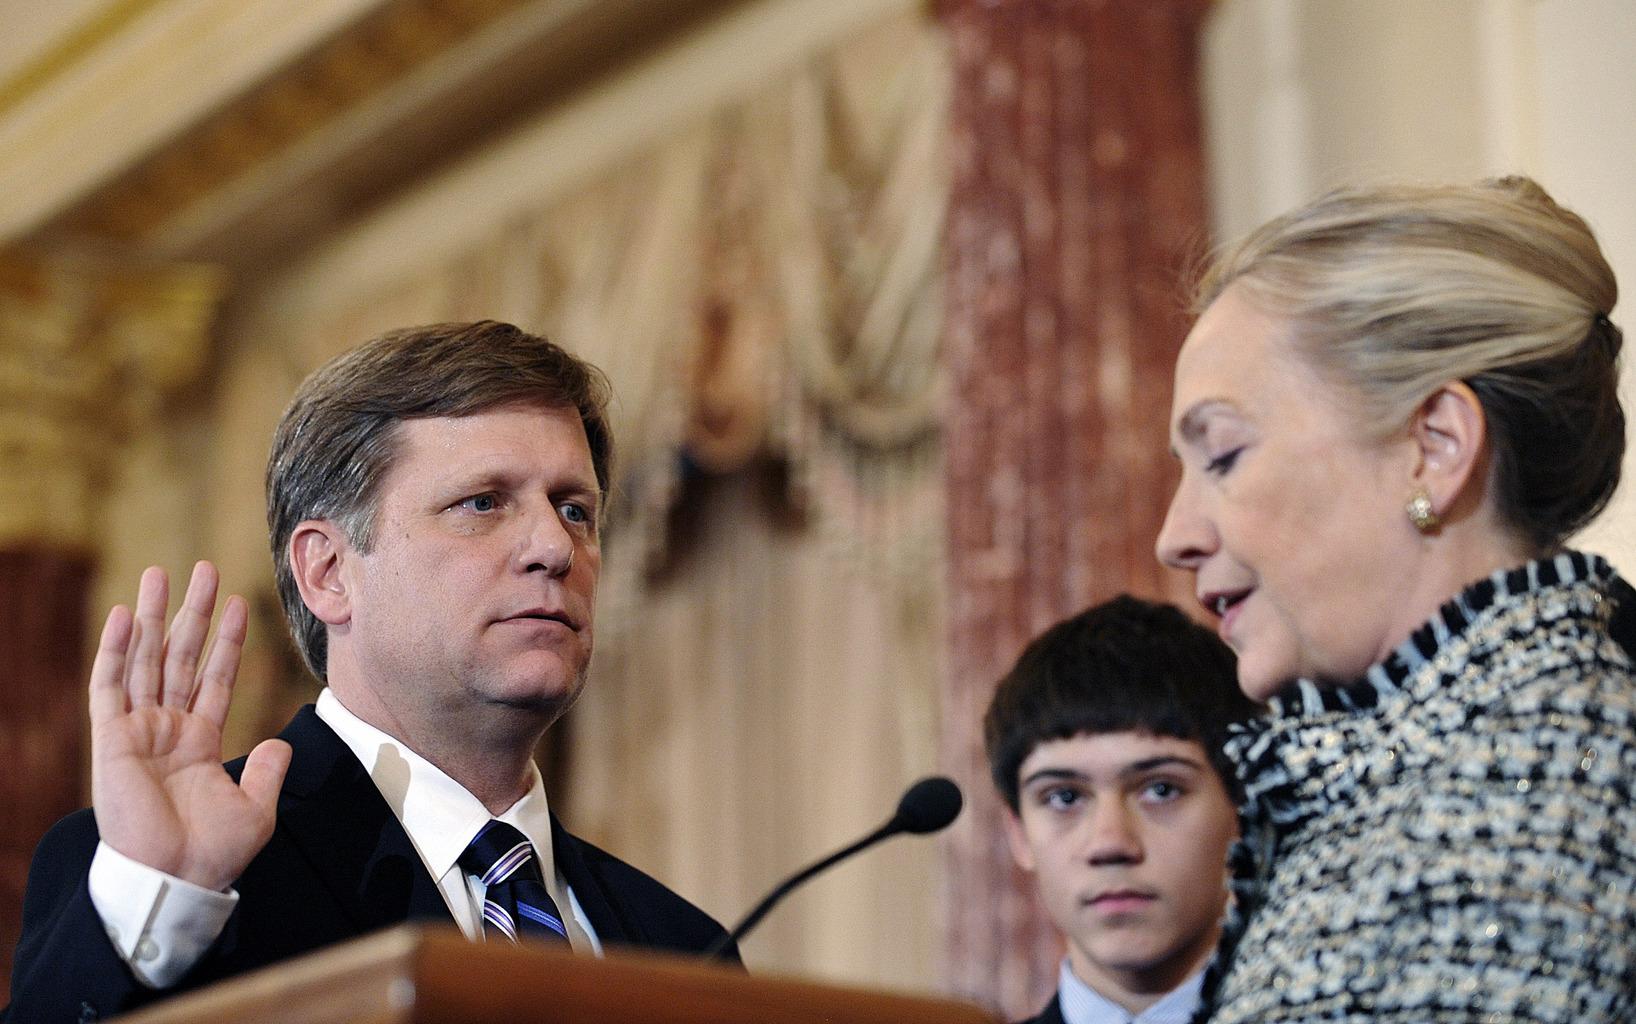 Michael McFaul elnöki tanácsadó nagyköveti esküje Hillary Clinton előtt 2012. január 12-én Washingtonban #moszkvater